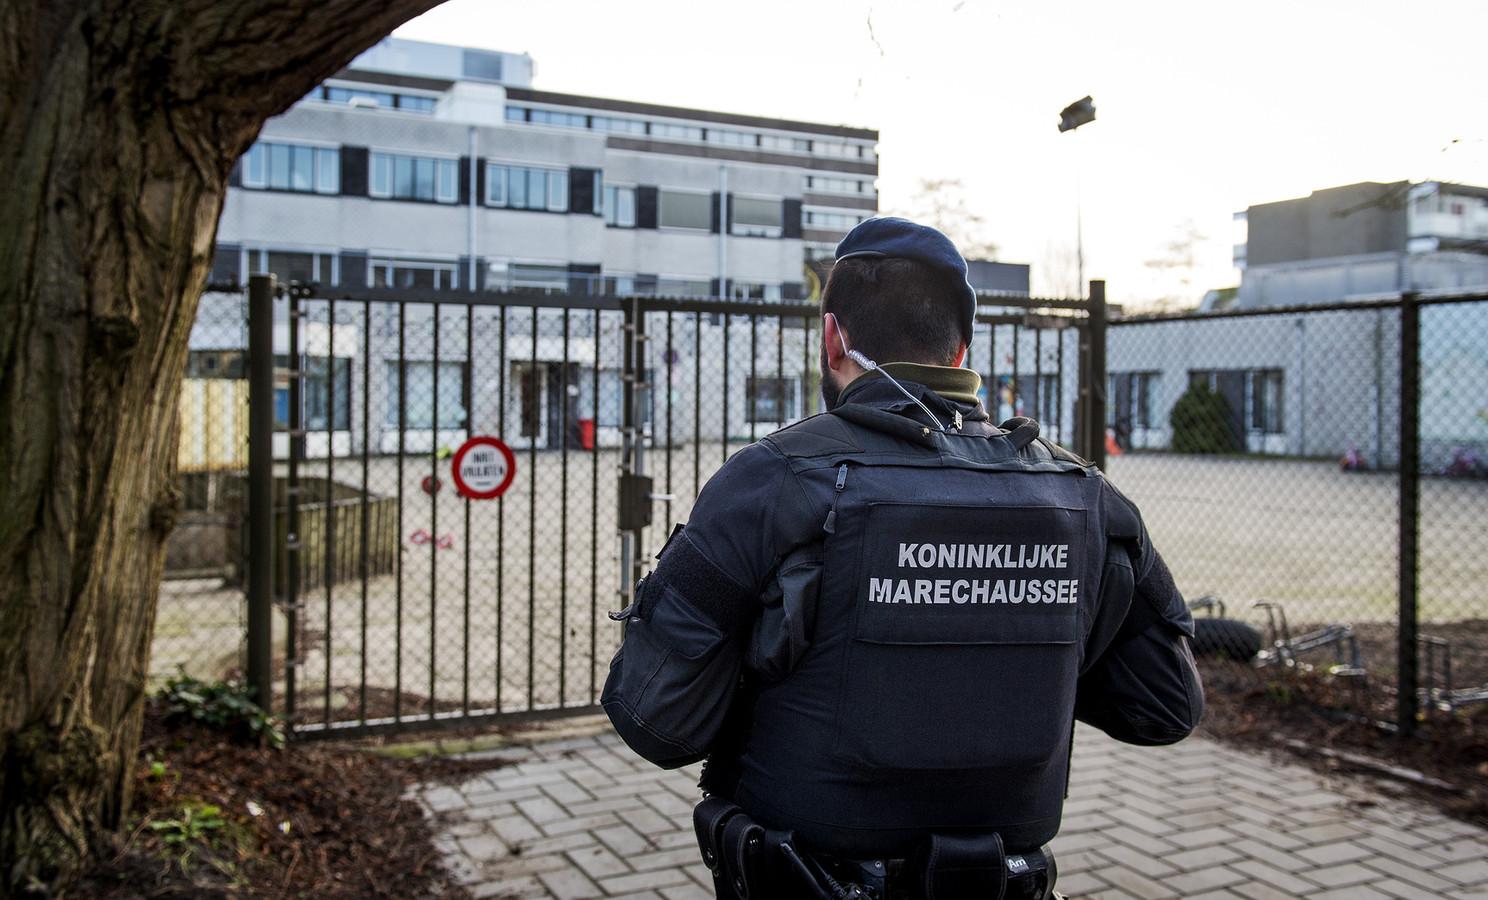 Leden van de koninklijke marechaussee bewaken het gebouw van de Amsterdamse orthodox-joodse school Cheider